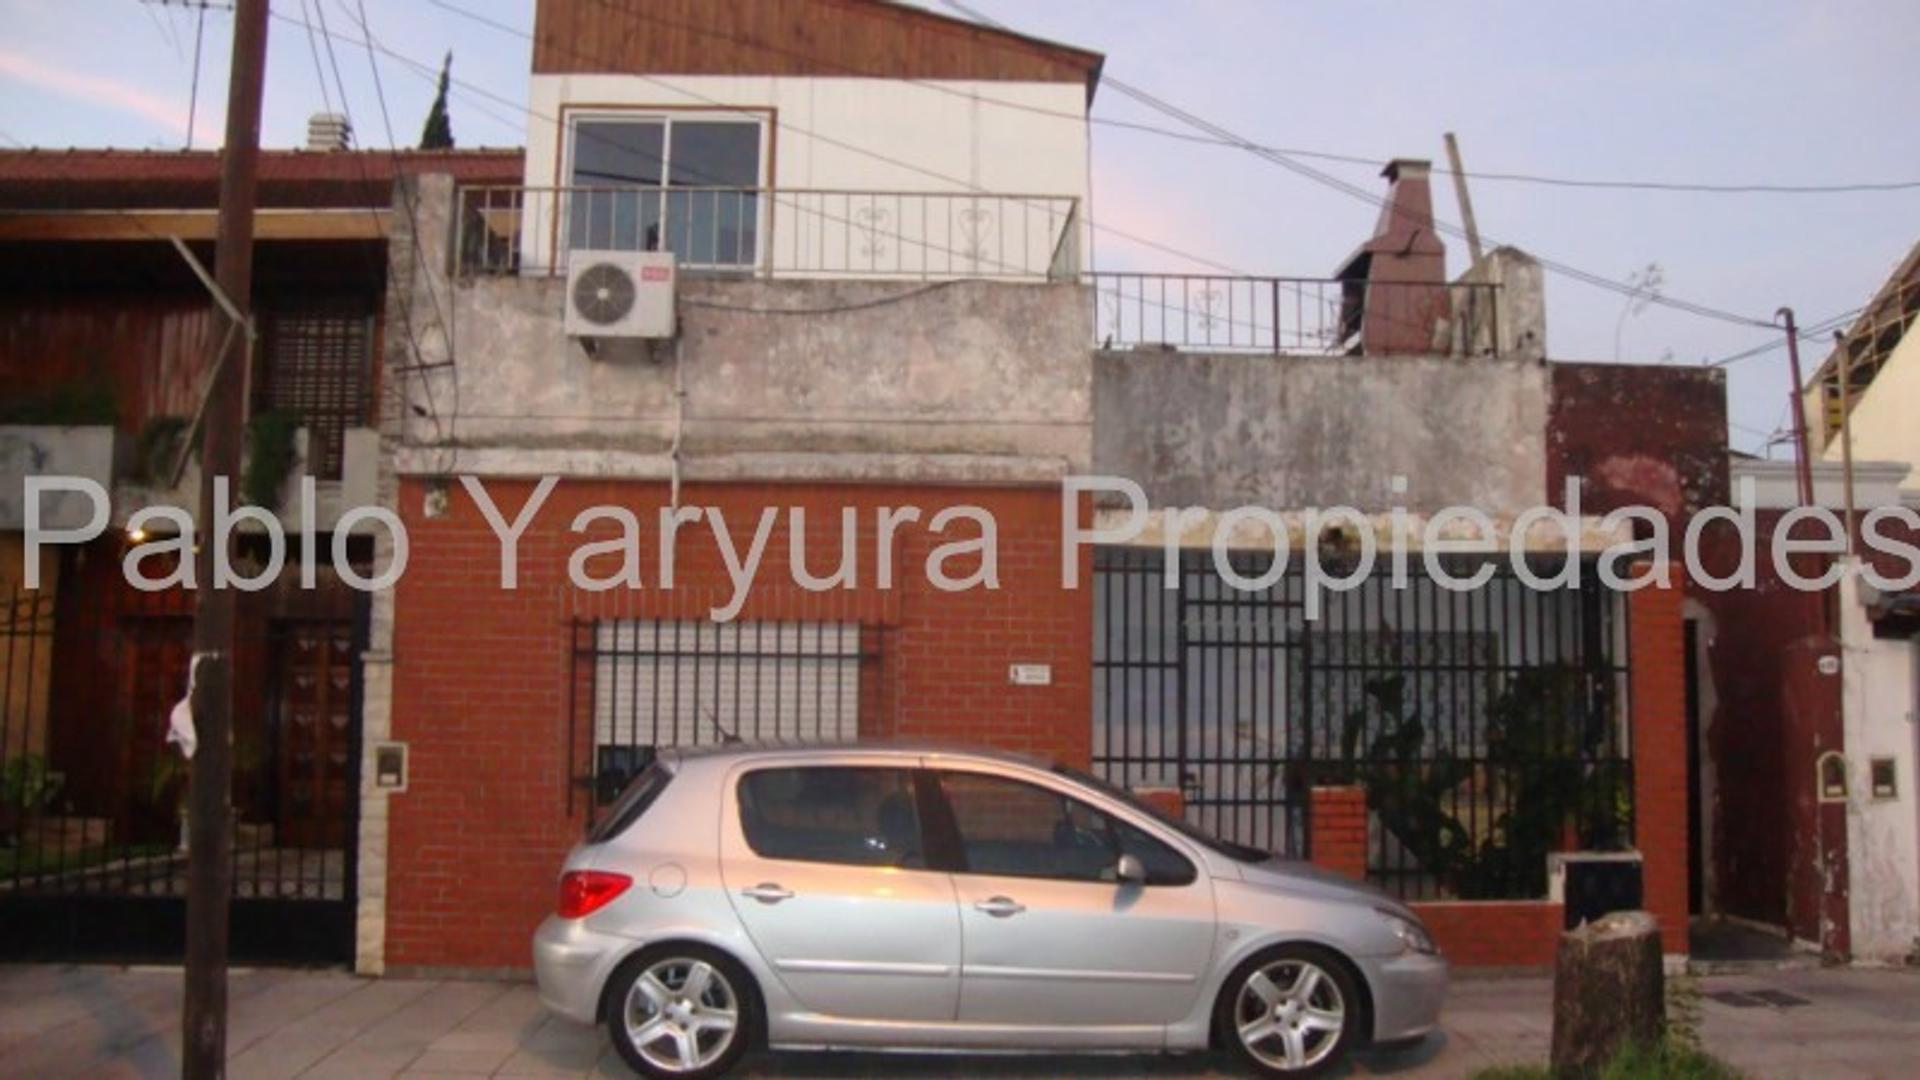 XINTEL(YAR-YAR-11832) Departamento Tipo Casa - Venta - Argentina, Tres de Febrero - MARCO POLO 4863